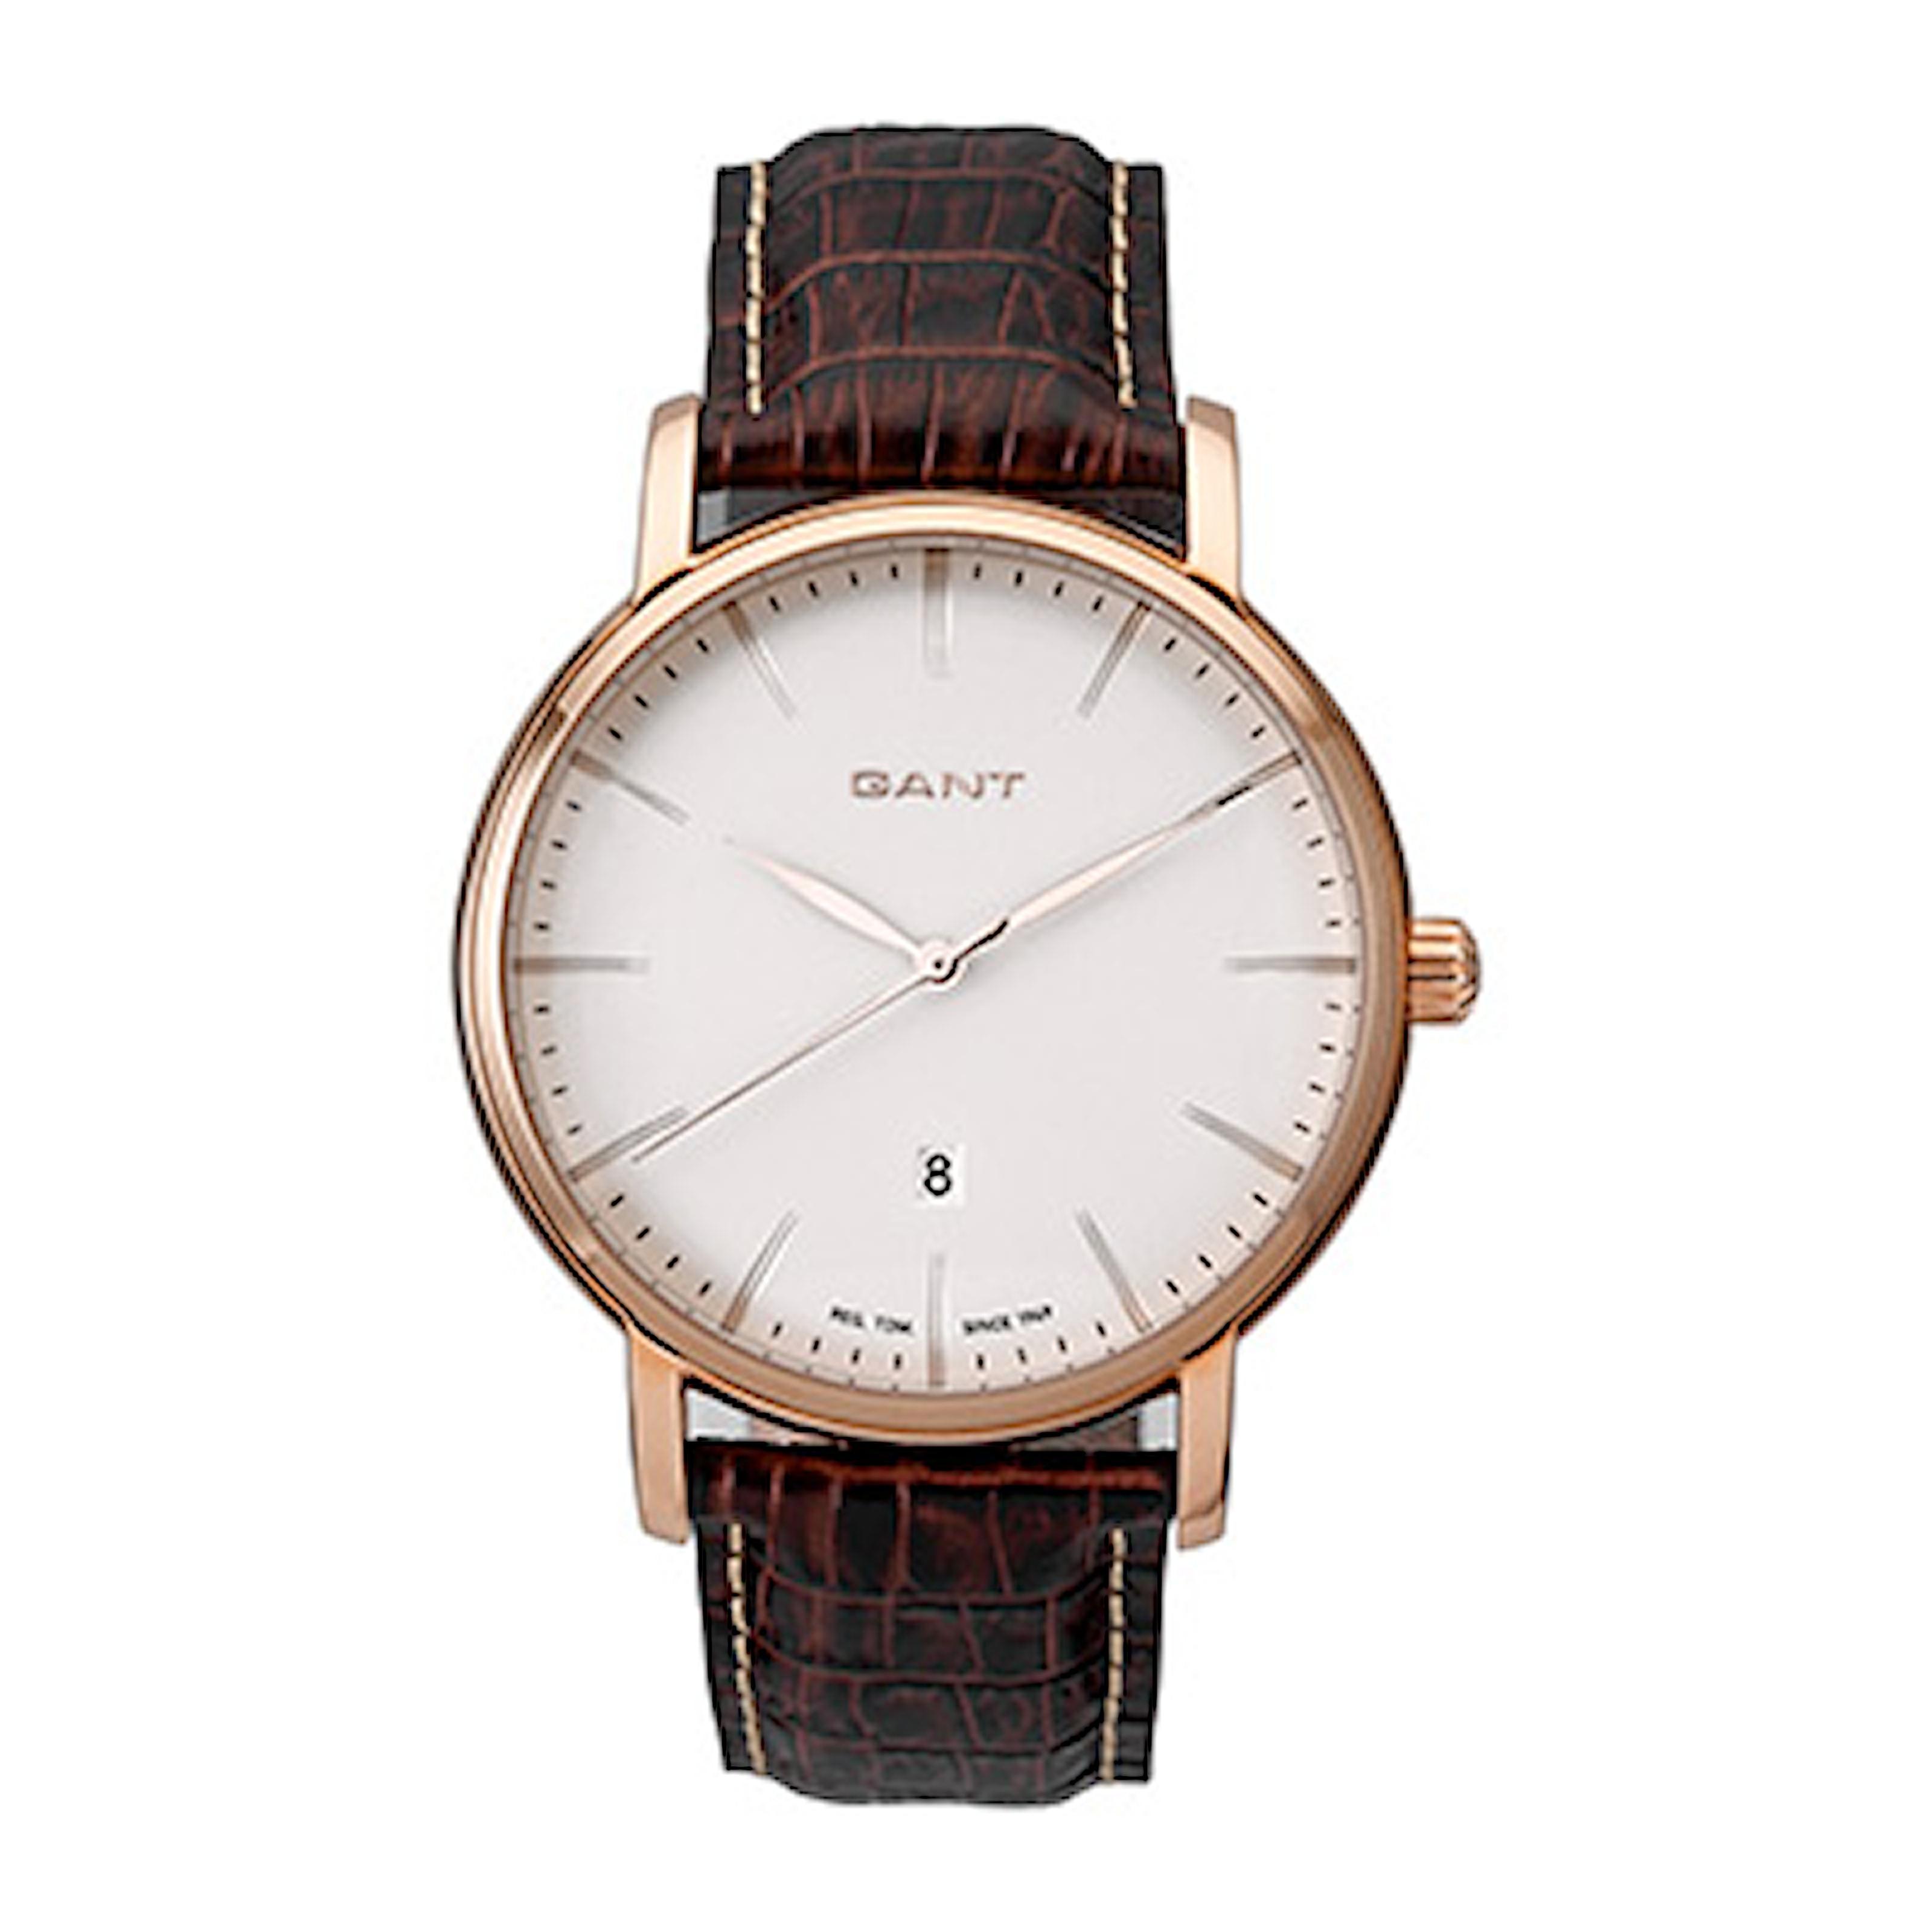 W70435, W70435, Armband: brun, läder. Urtavla: vit, rostfritt stål. Mått: 43 mm,